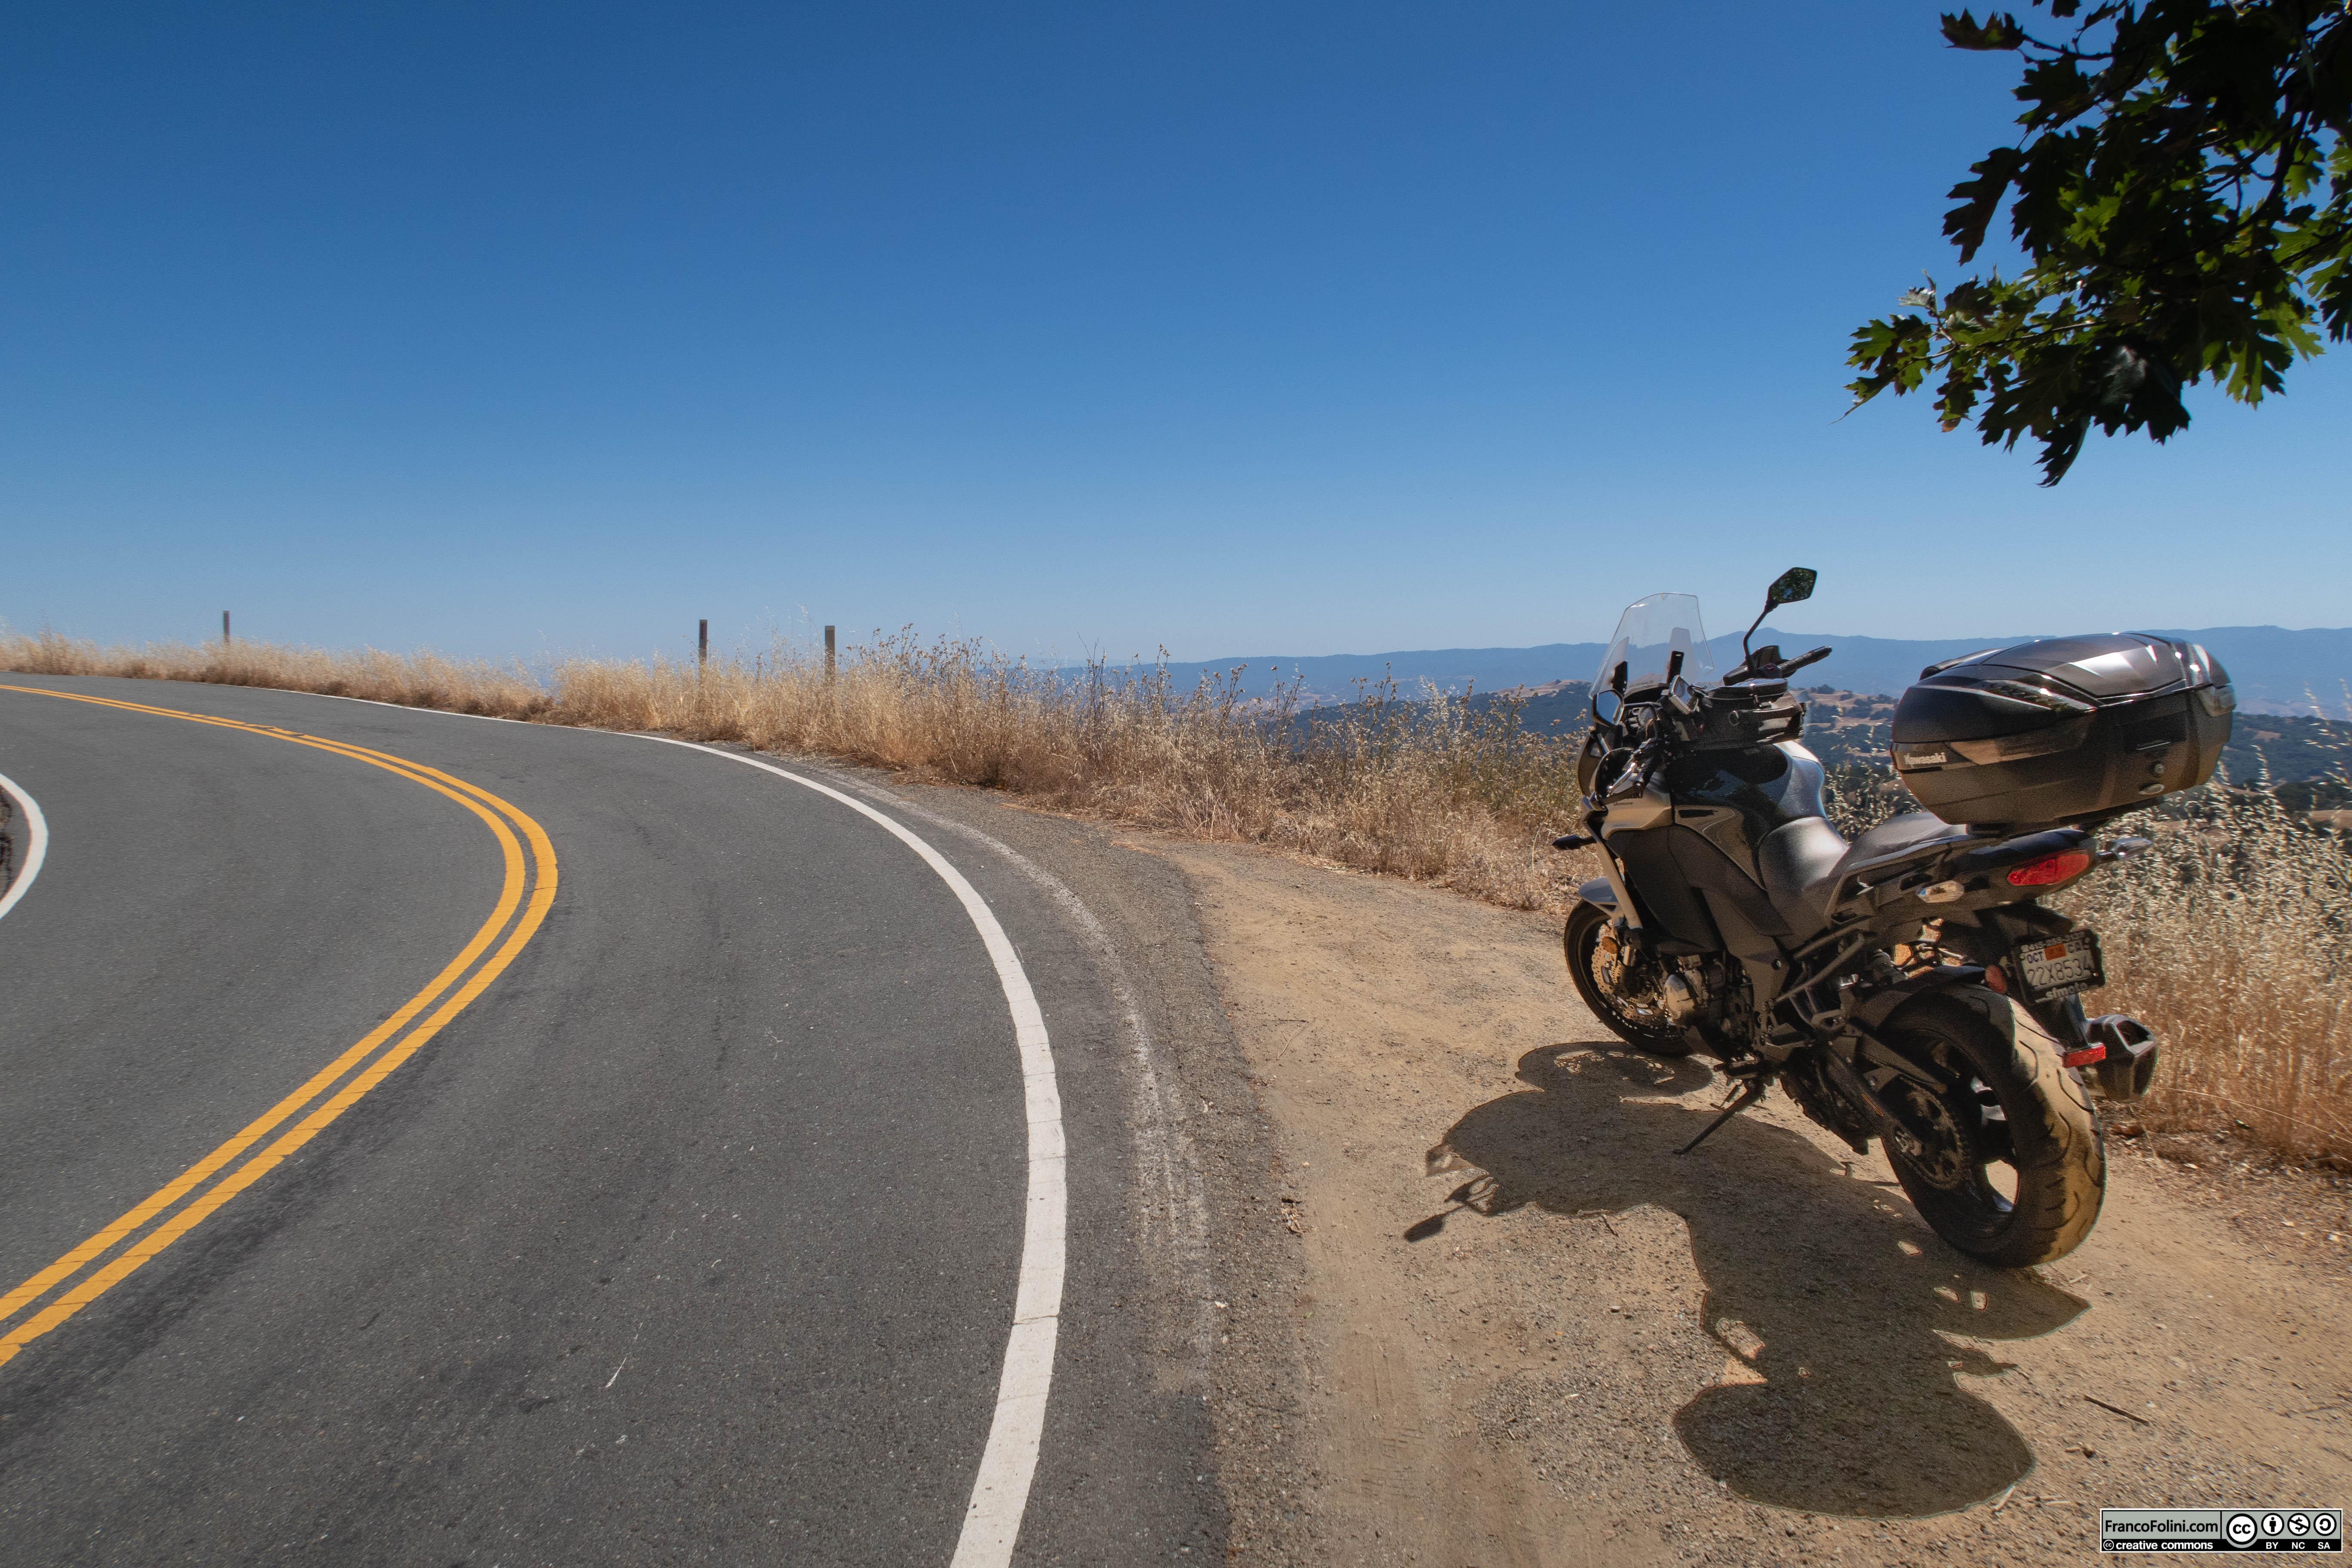 I monti dalla Silicon Valley in sella a una Kawasaki